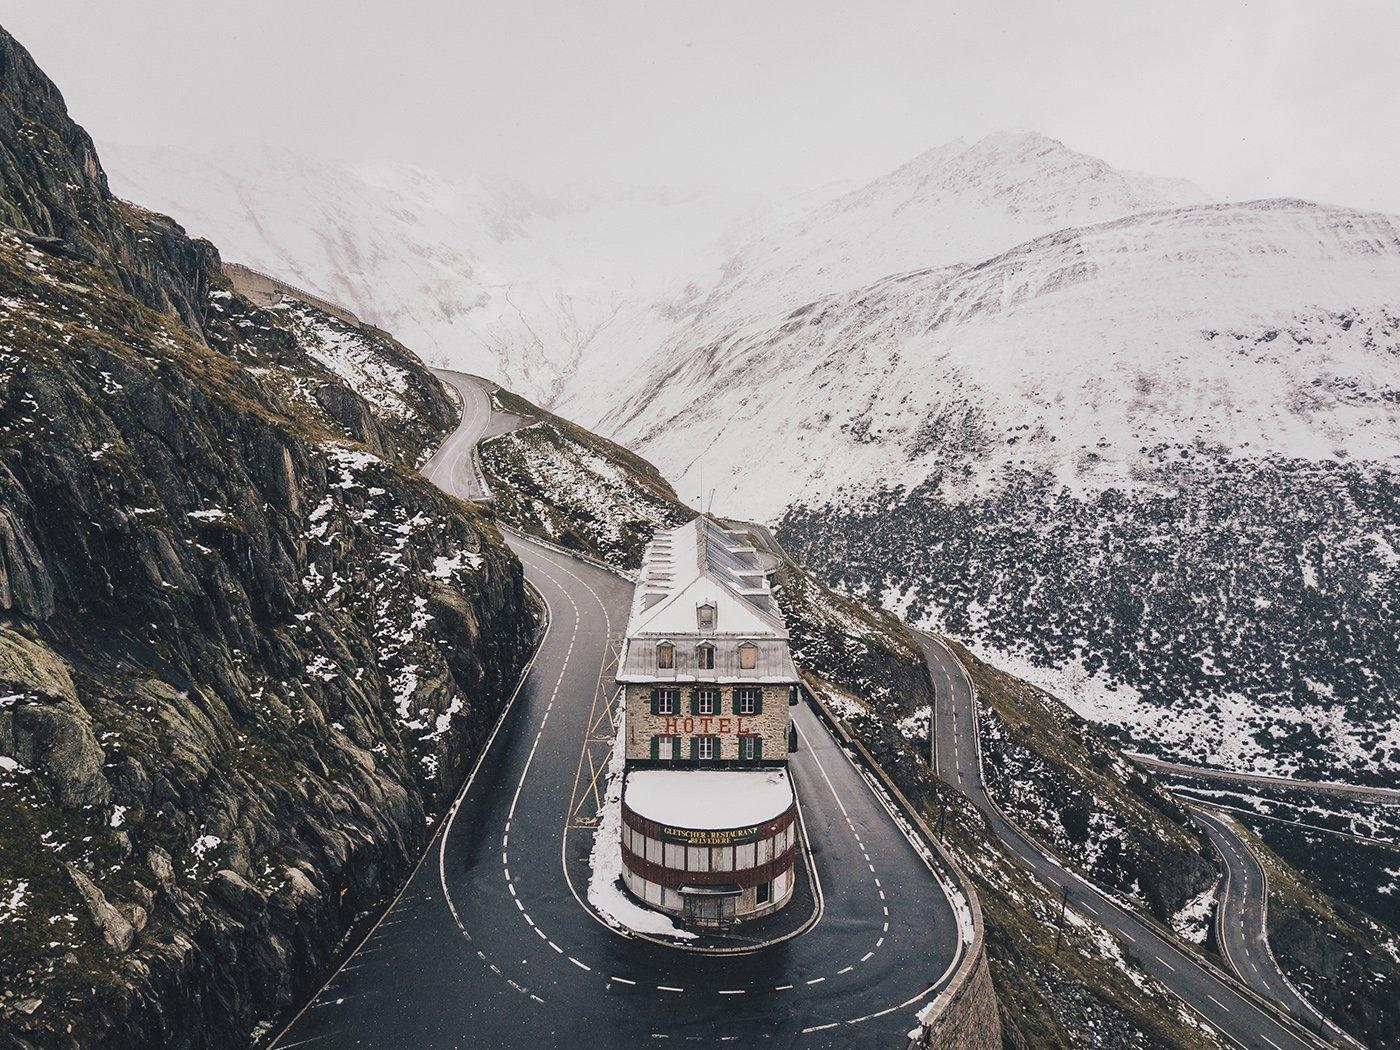 Mautgebuehren Schweiz Hotel Schnee Pass Kosten